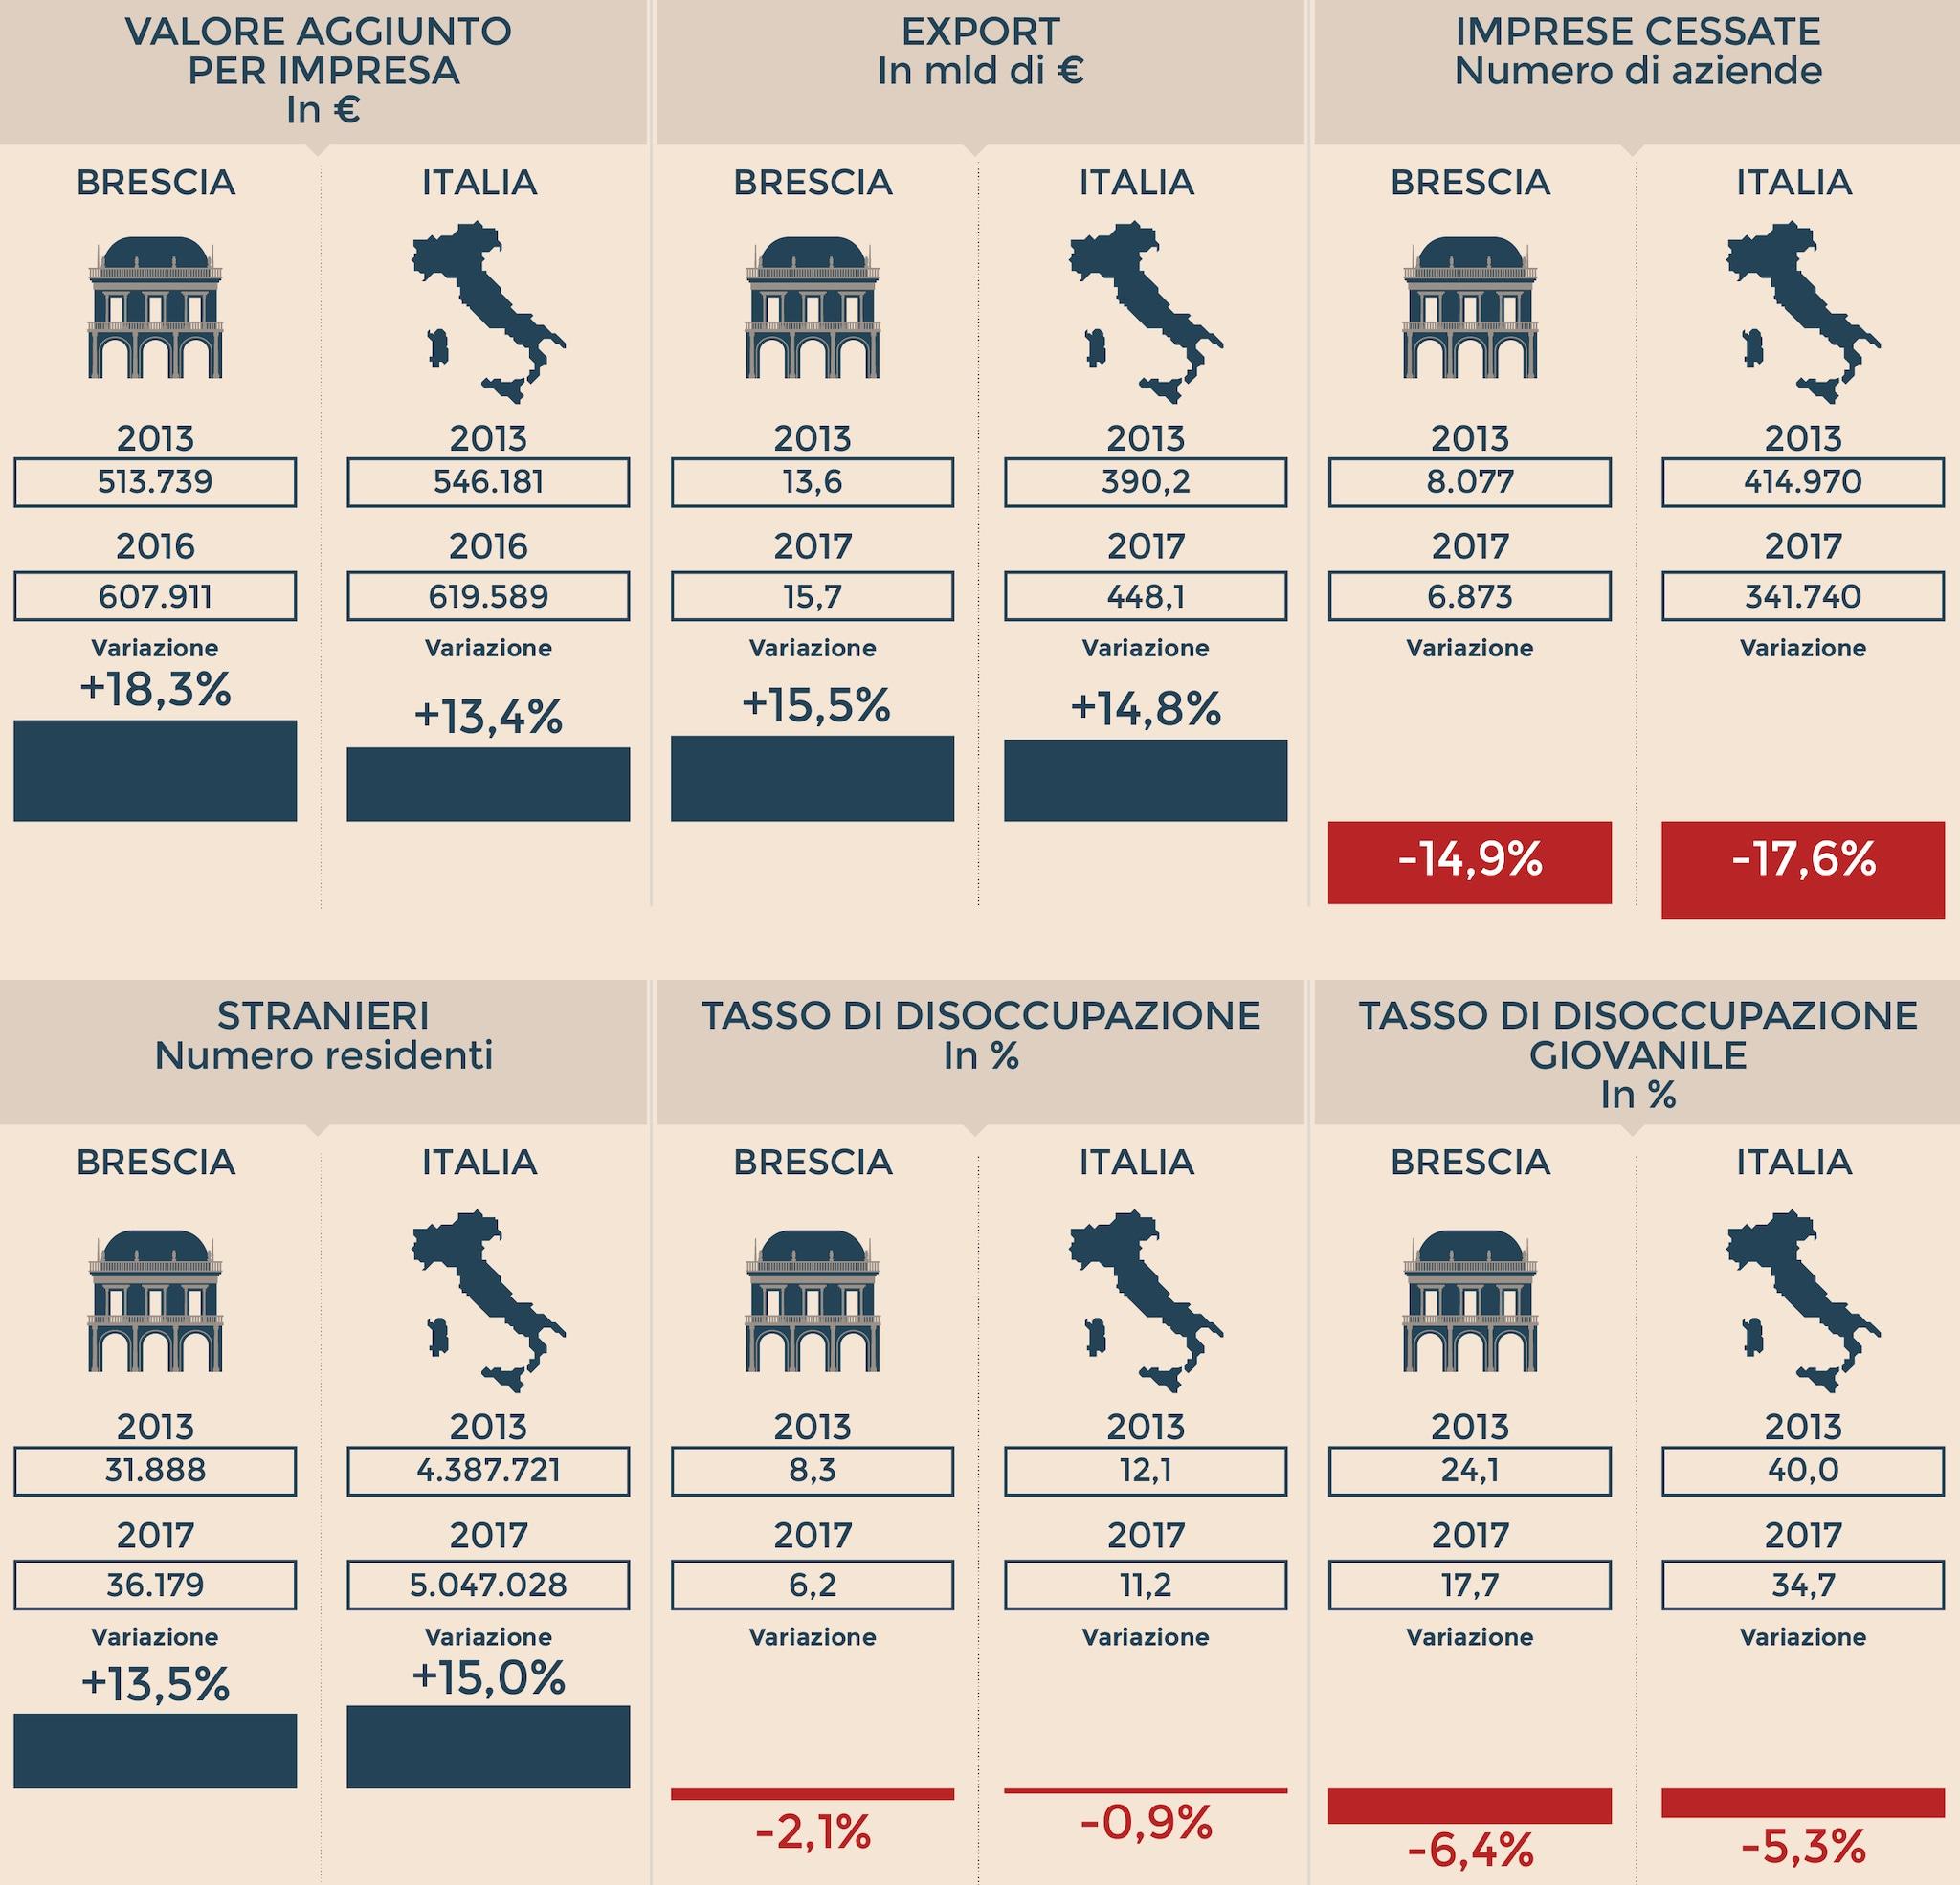 L'IDENTIKIT ECONOMICO DI BRESCIA